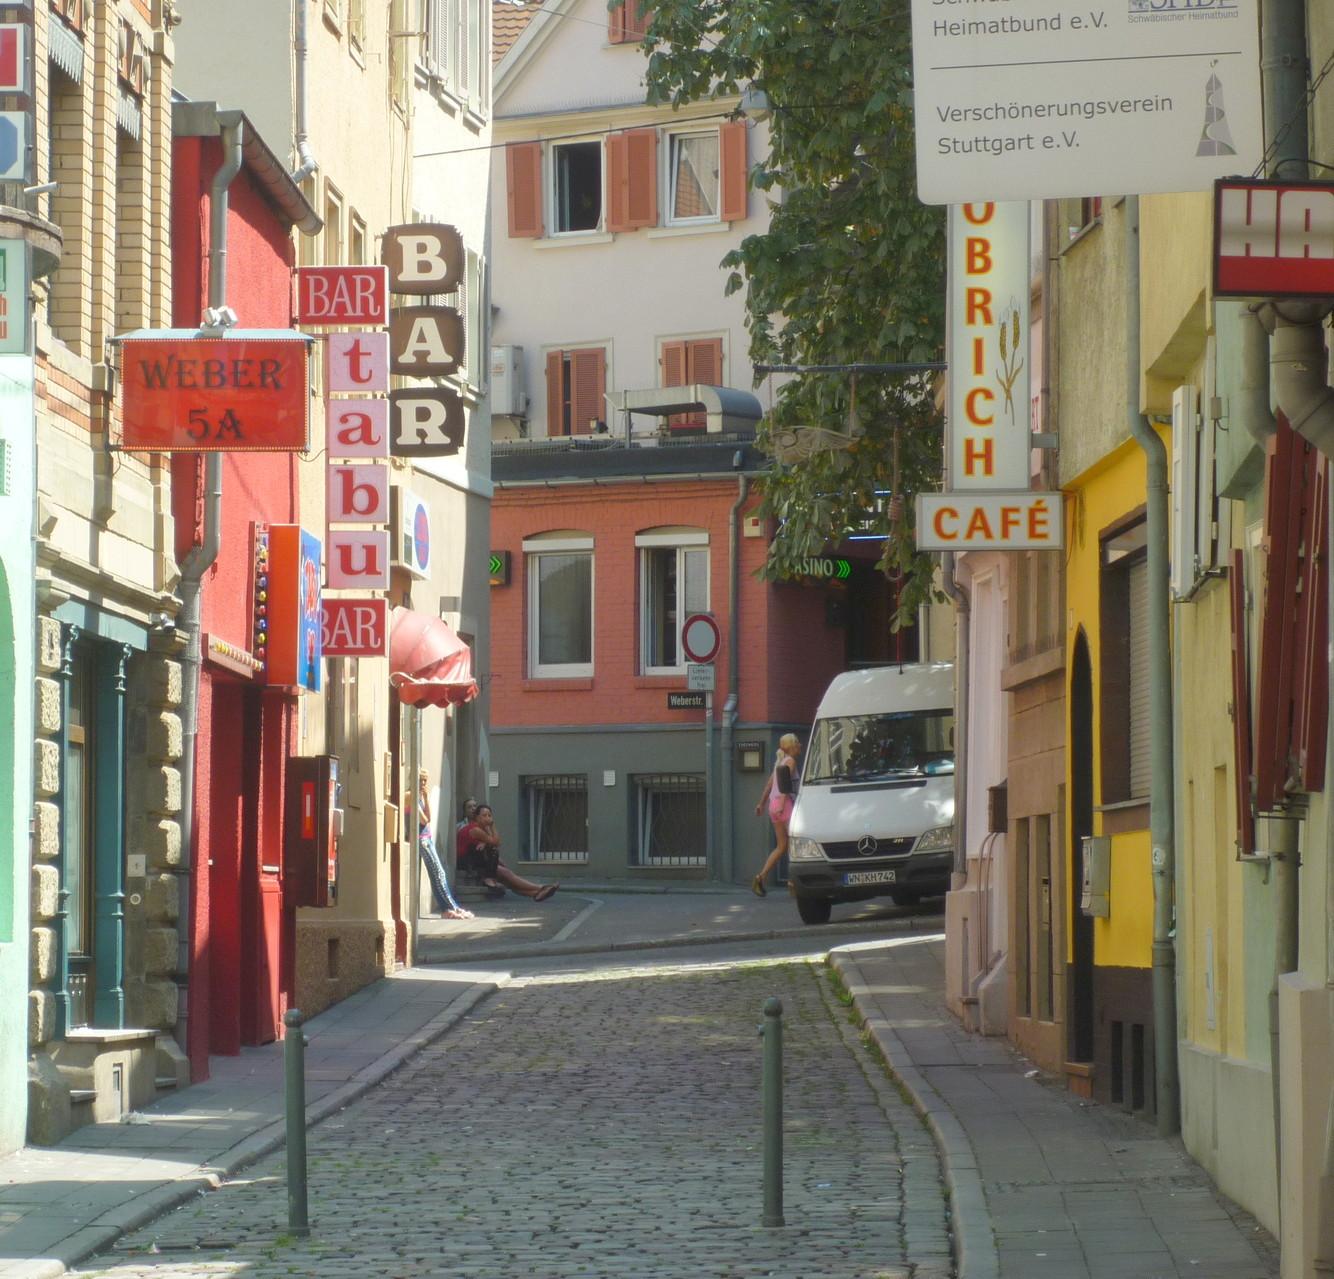 Weberstraße - Gegensätze ziehen sich an: Heimatverbundenheit und Rotlichtmilleu